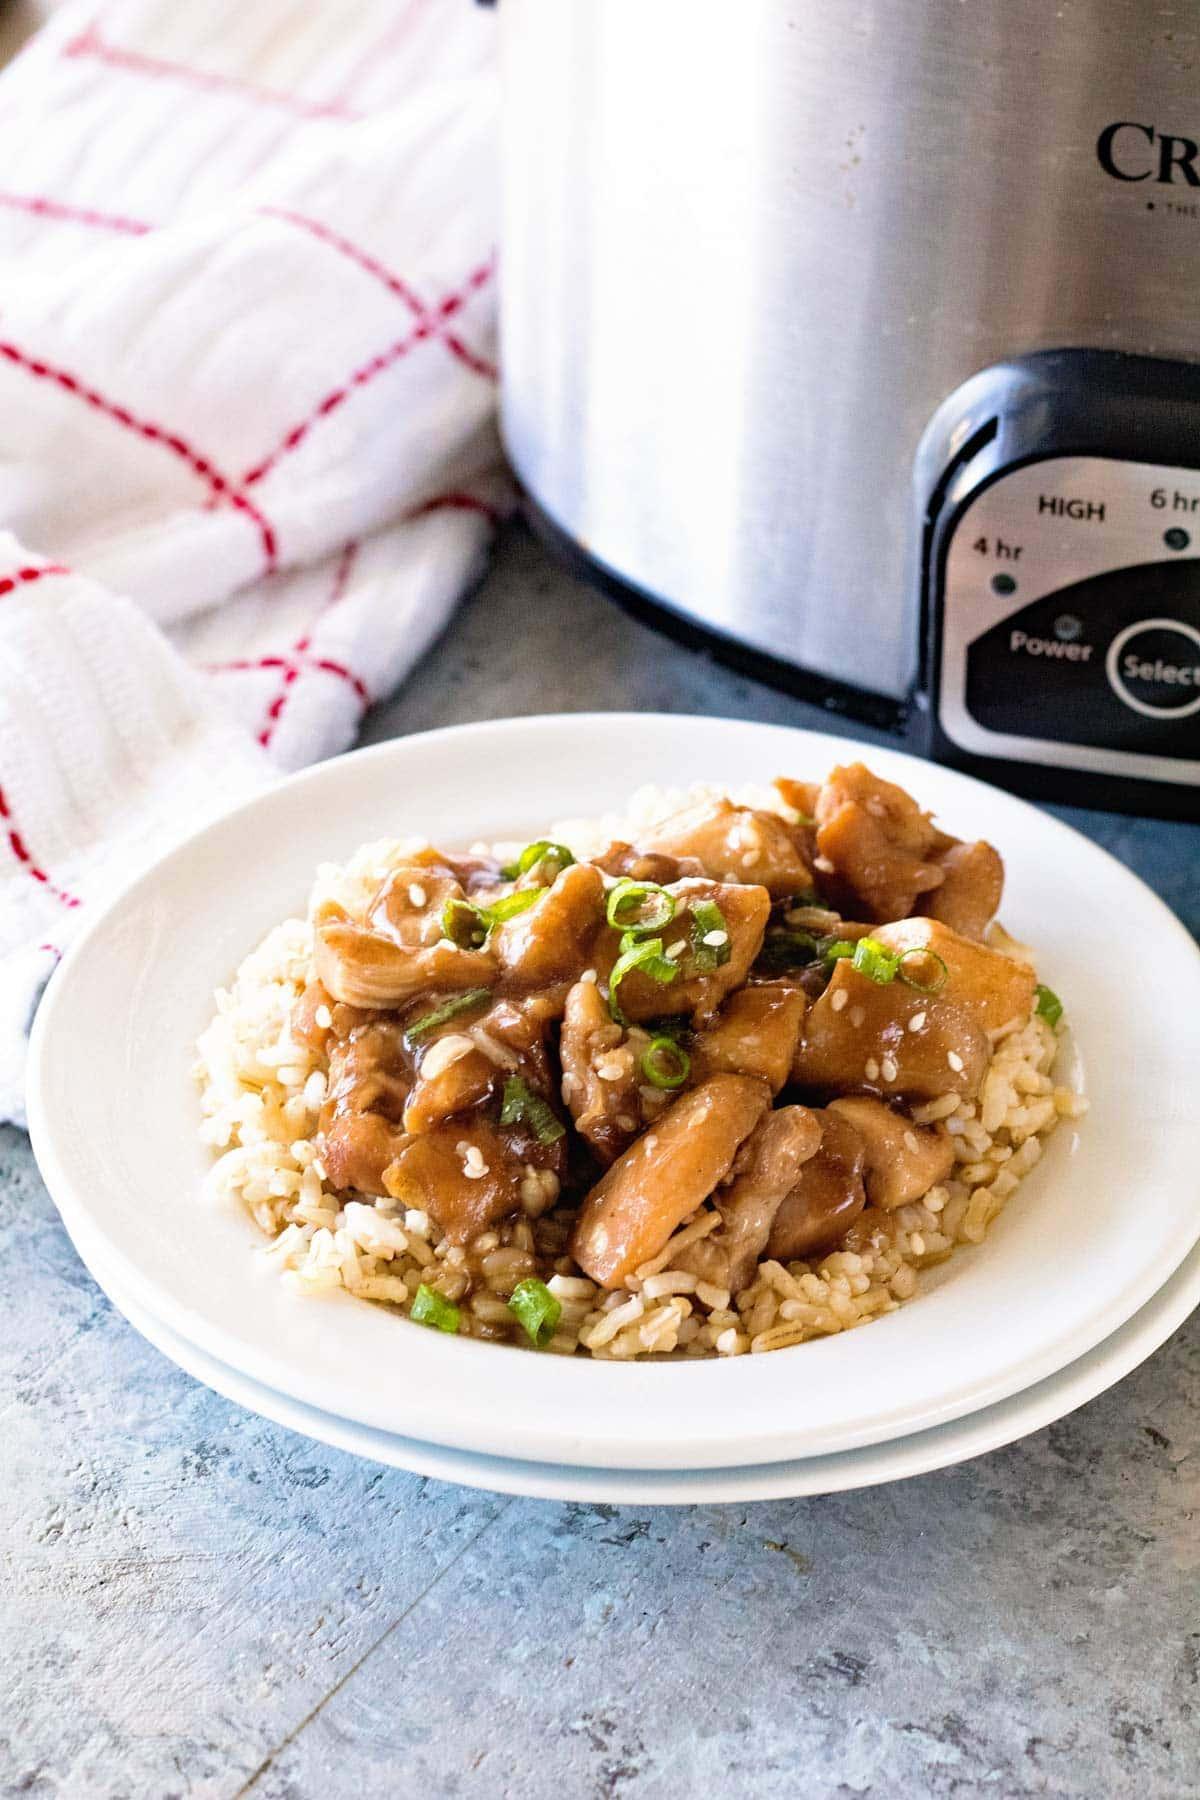 Slow Cooker Chicken Teriyaki for an easy dinner recipe!